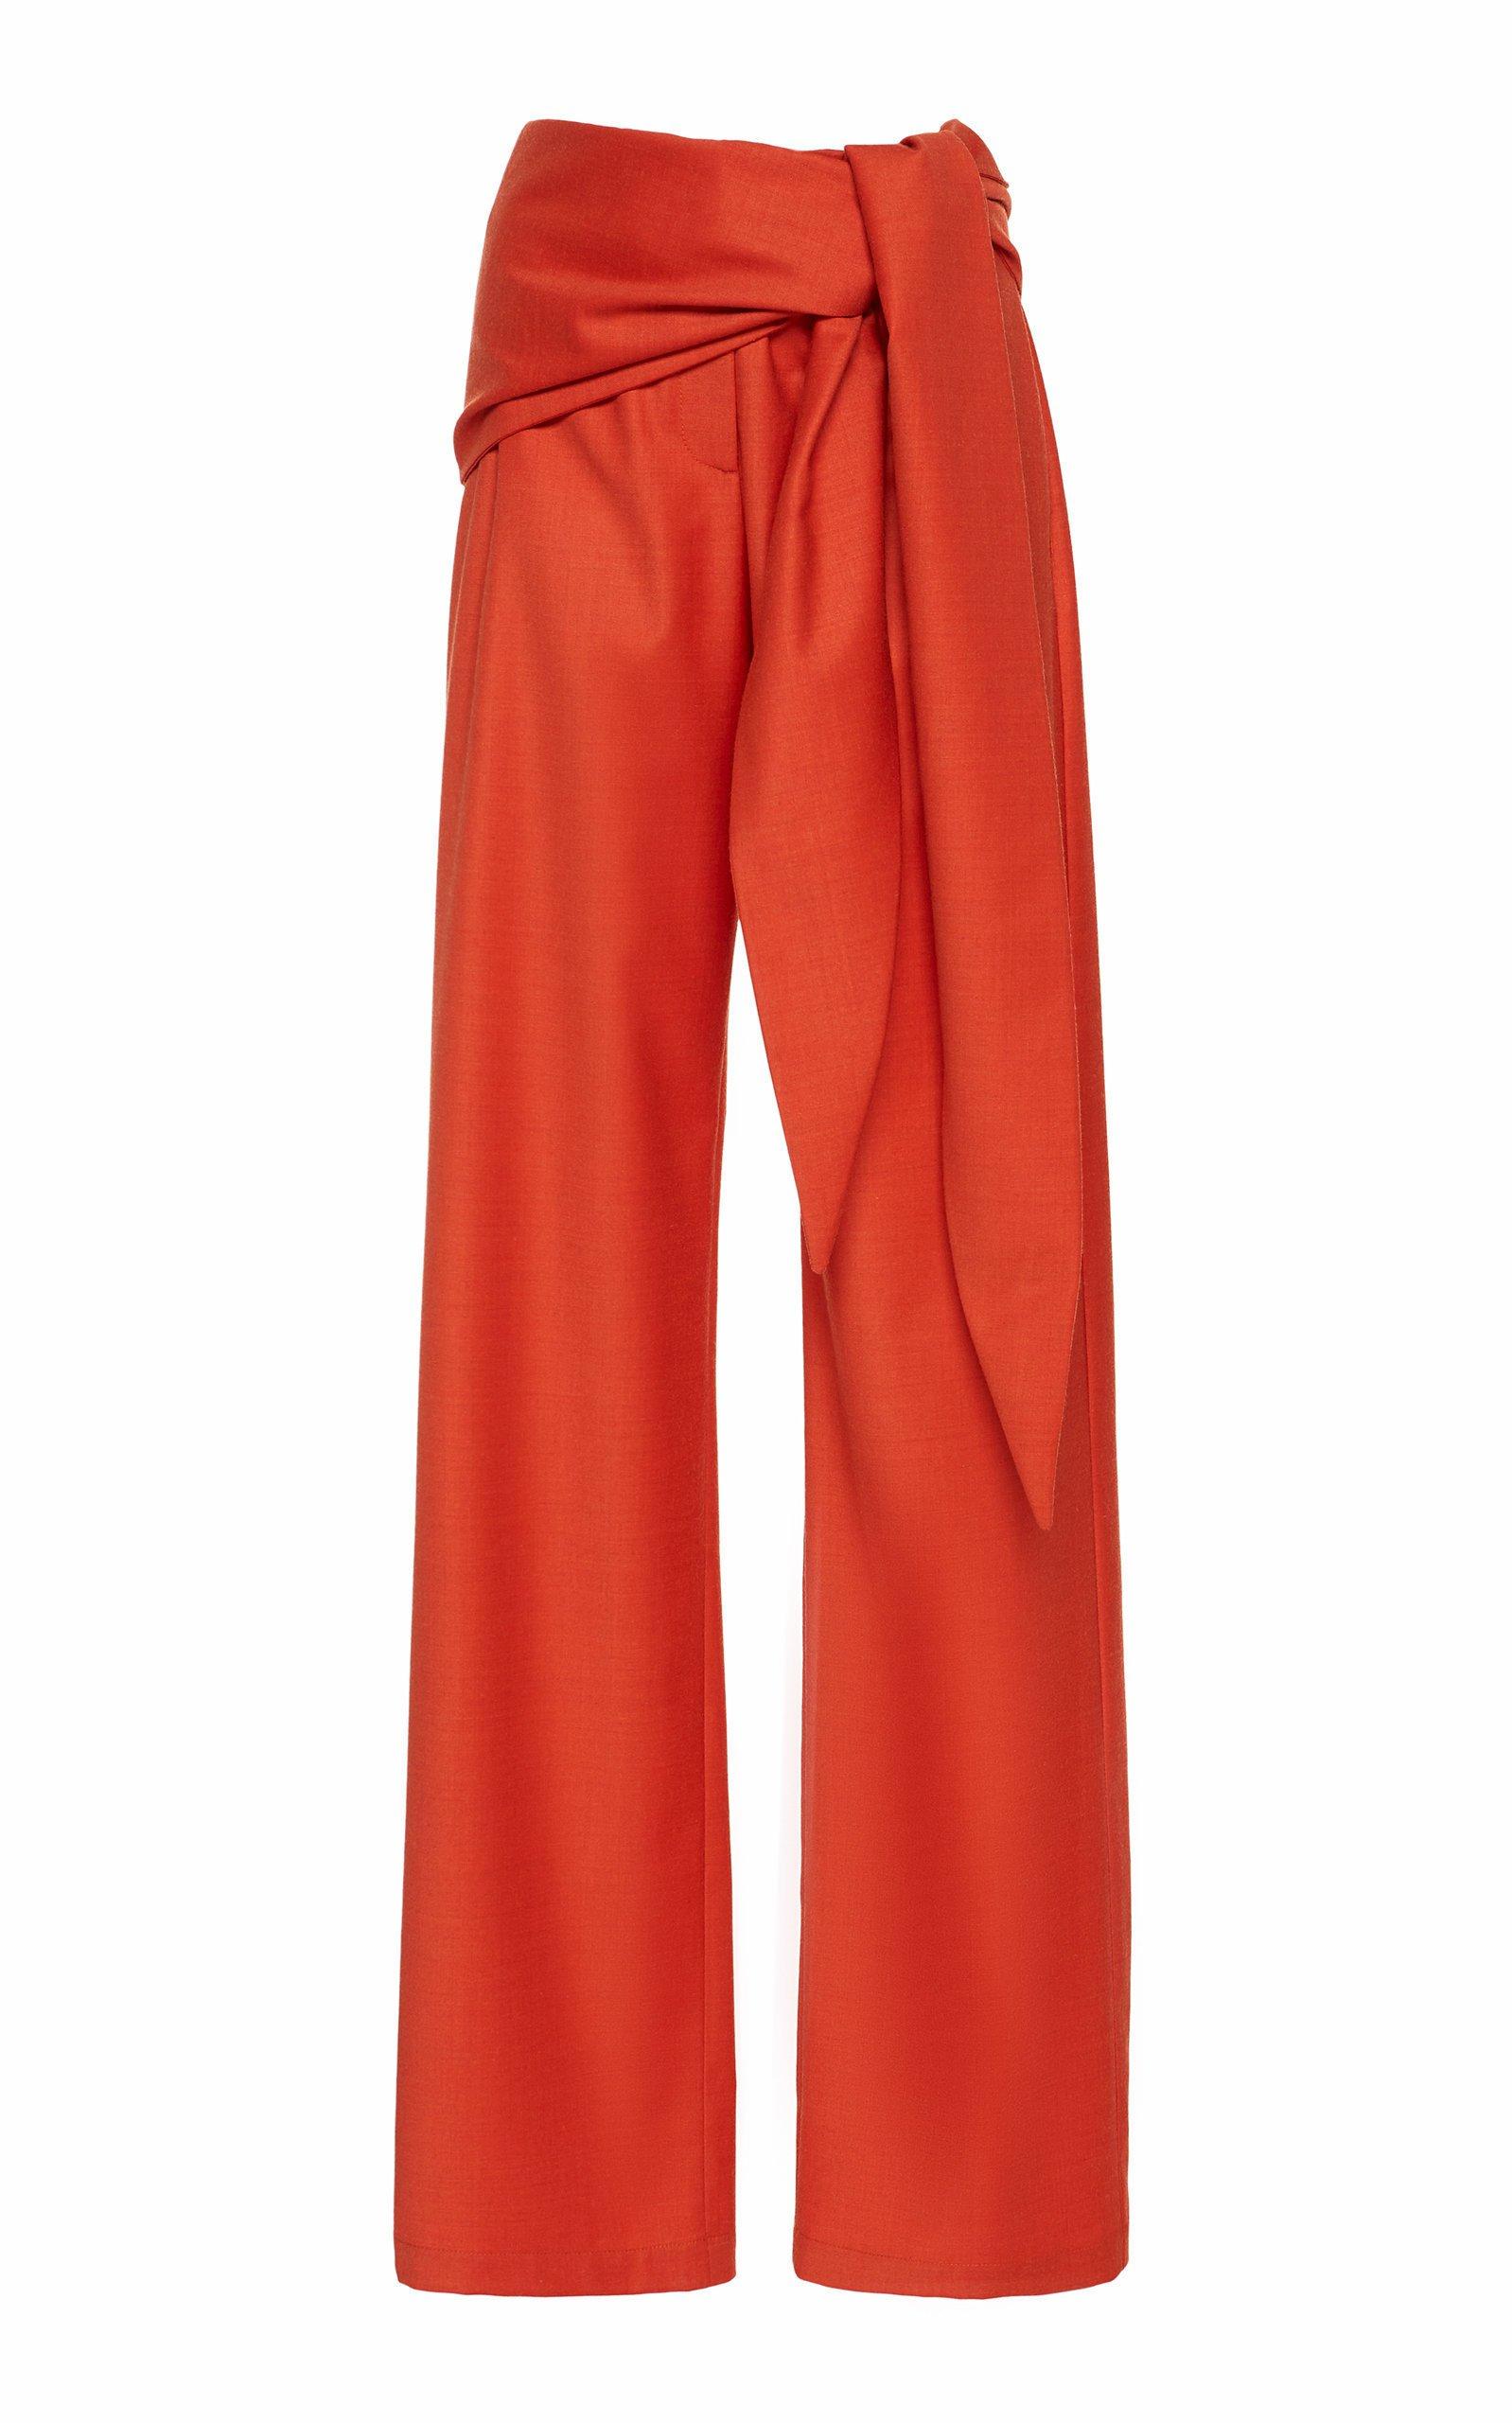 MATÉRIEL High Waisted Wool Pants With A Waist Tie